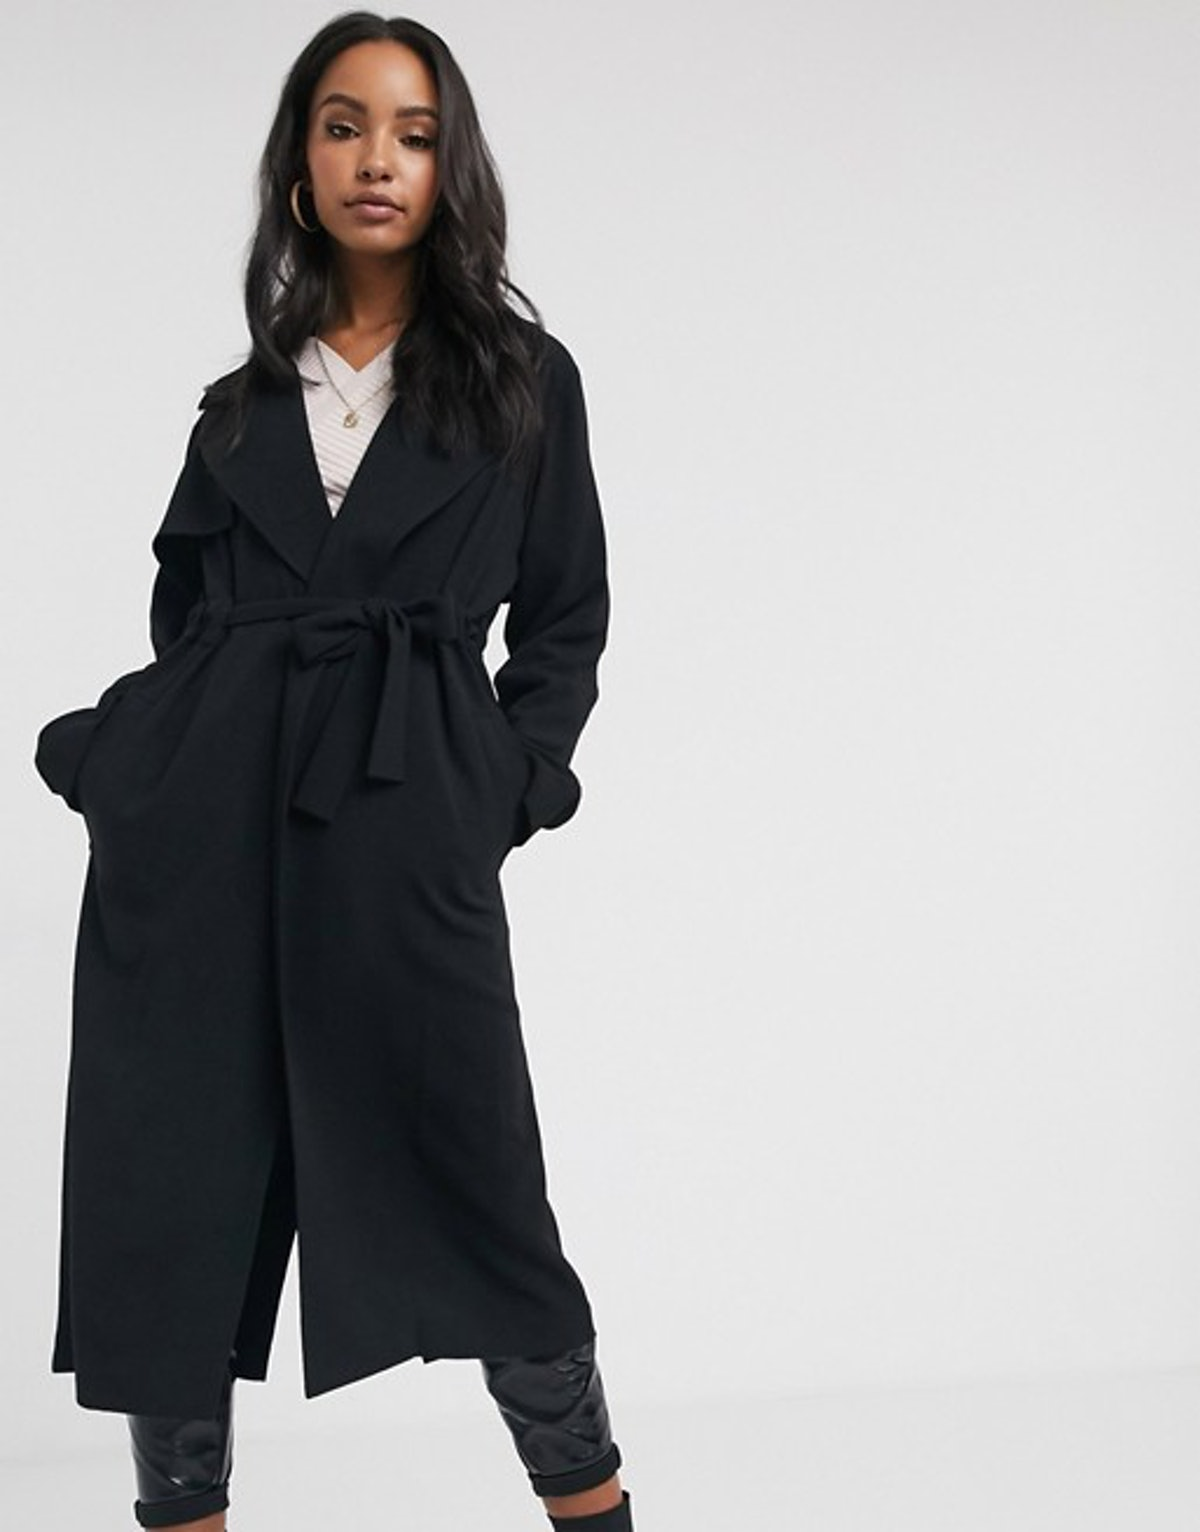 ASOS Design Waterfall Duster Coat in Black